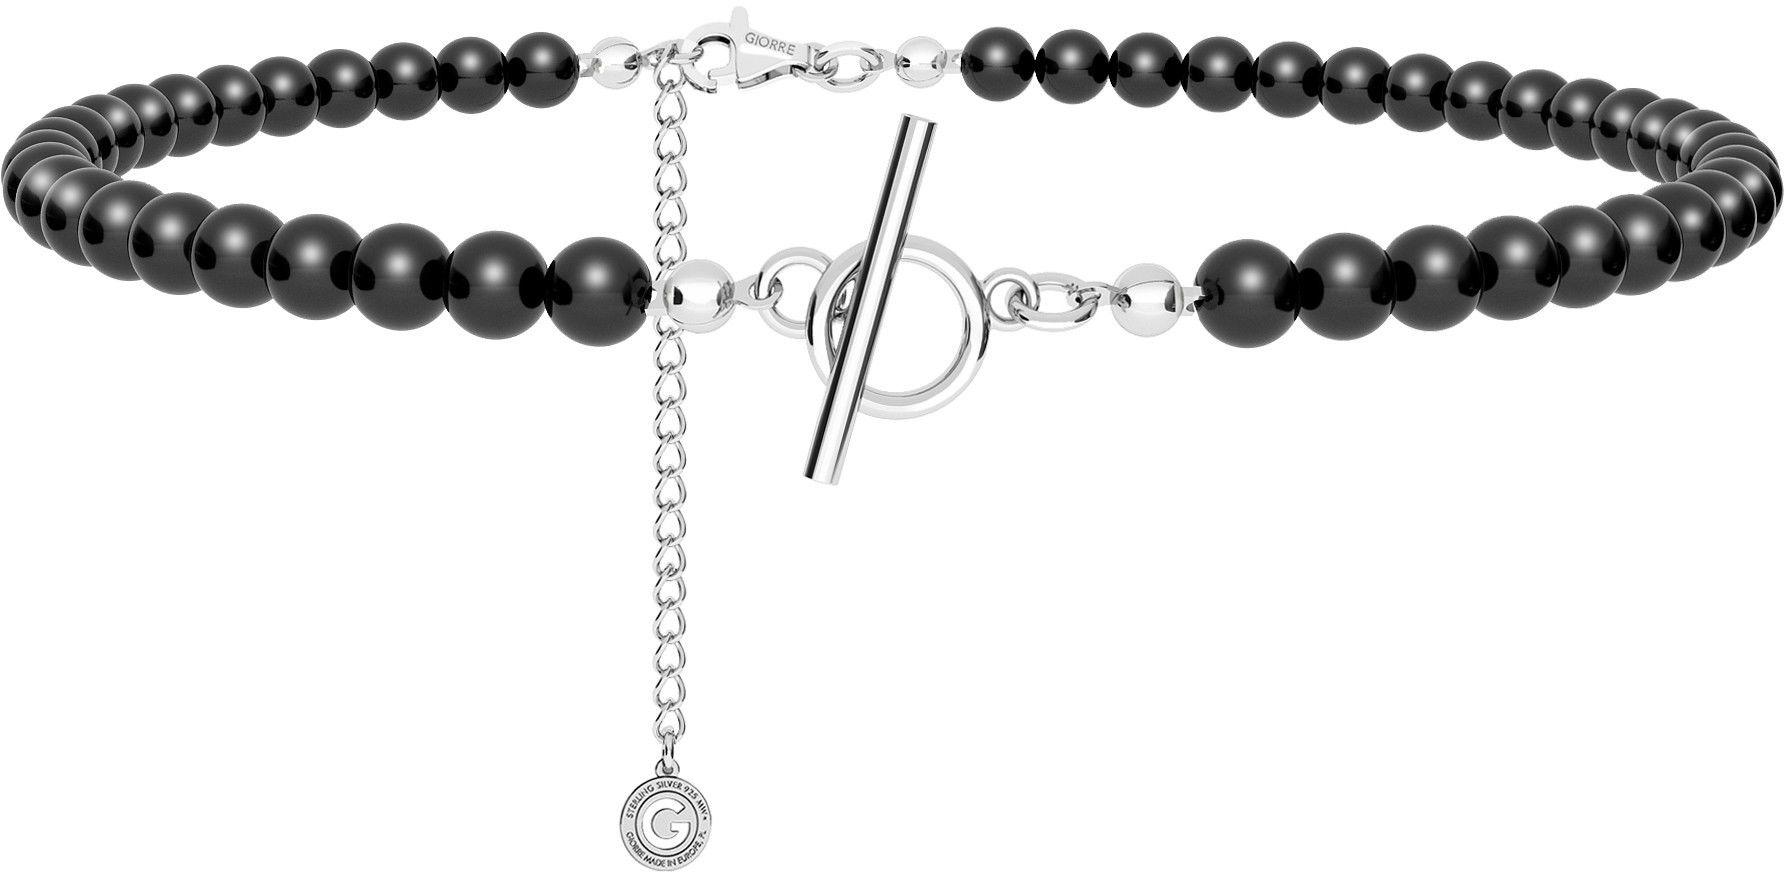 Srebrny choker z czarnych pereł, do podwieszania charmsów, srebro 925 : Srebro - kolor pokrycia - Pokrycie platyną